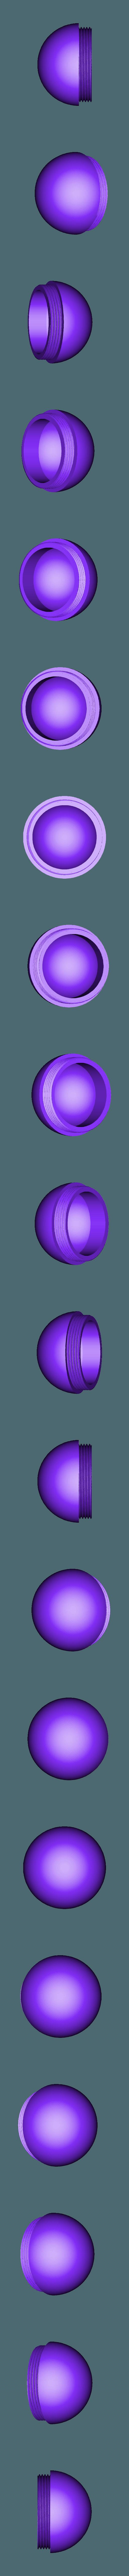 Pièce4.stl Télécharger fichier STL gratuit Porte sac pour déjection canine • Modèle pour imprimante 3D, Ted3D